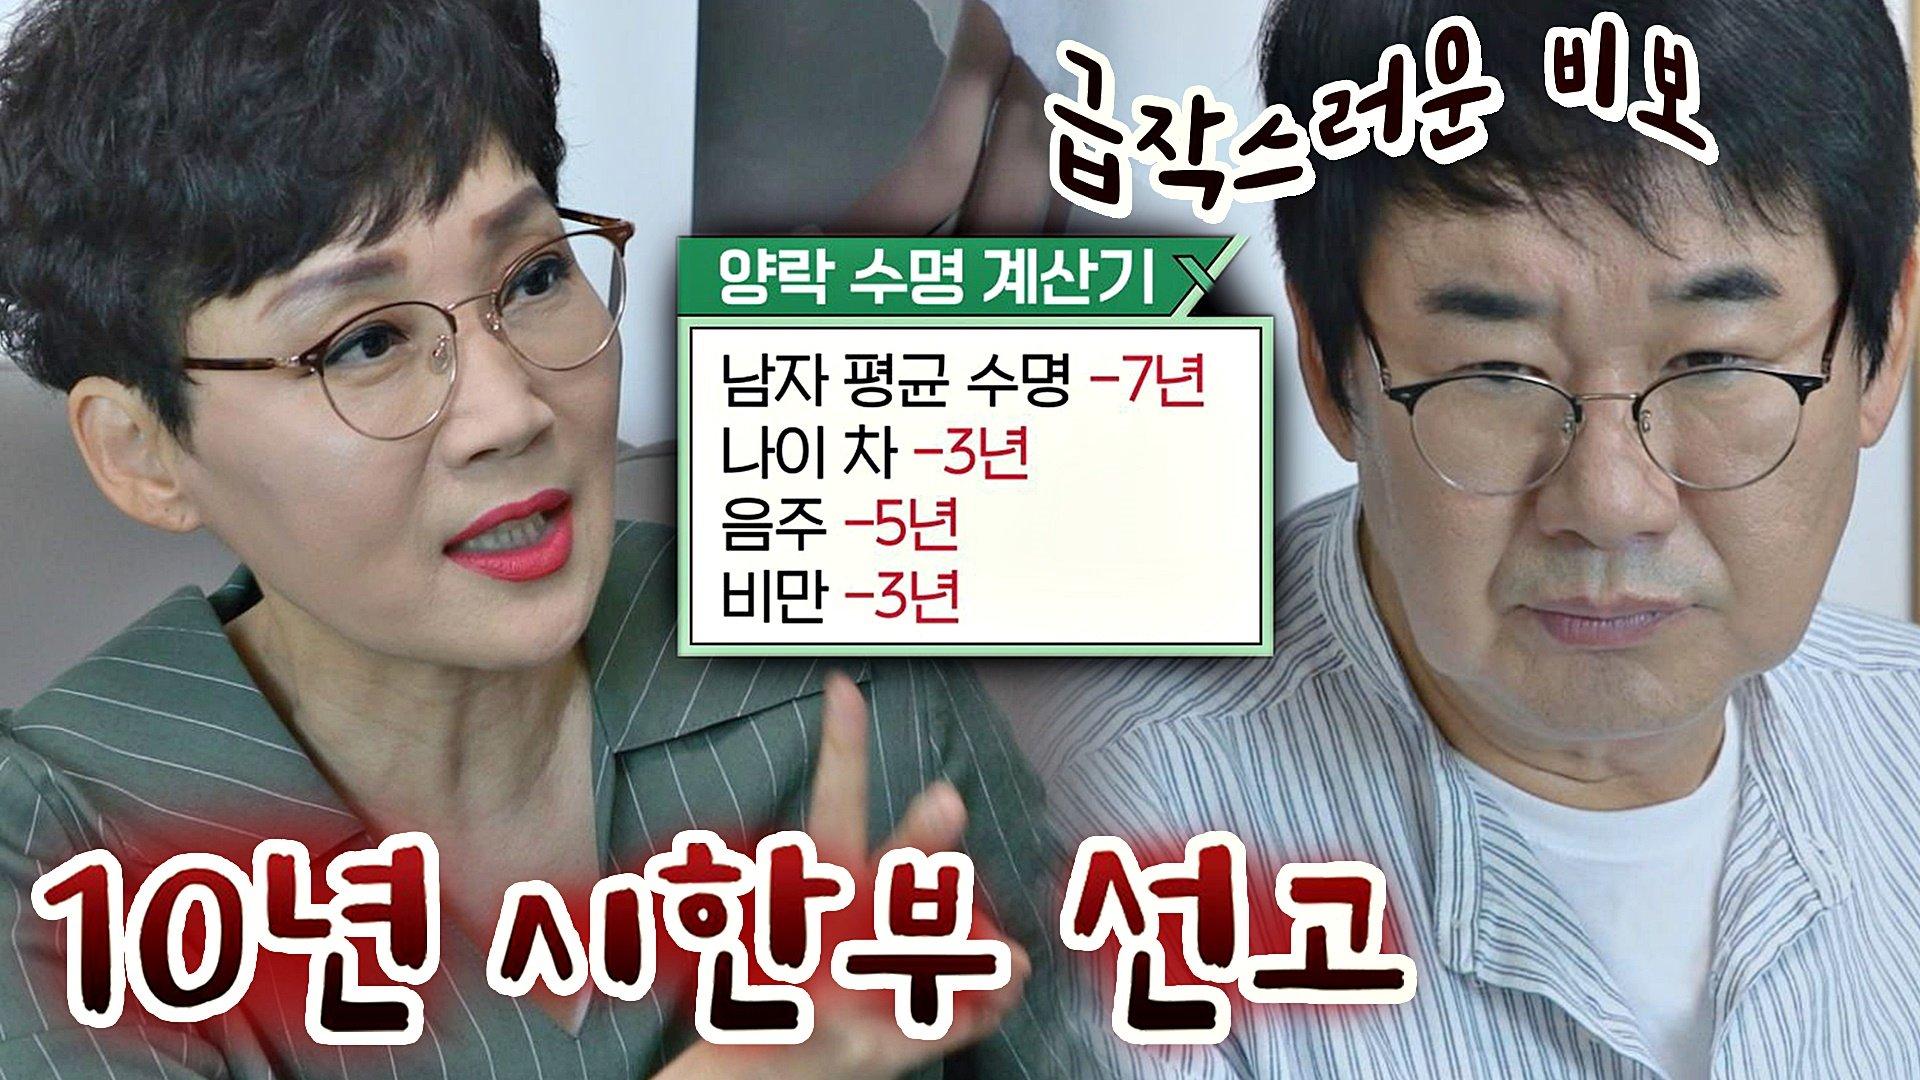 갑자기 분위기 시한부,, 양락의 건강 적신호에 걱정이 큰 현숙 | JTBC 210725 방송